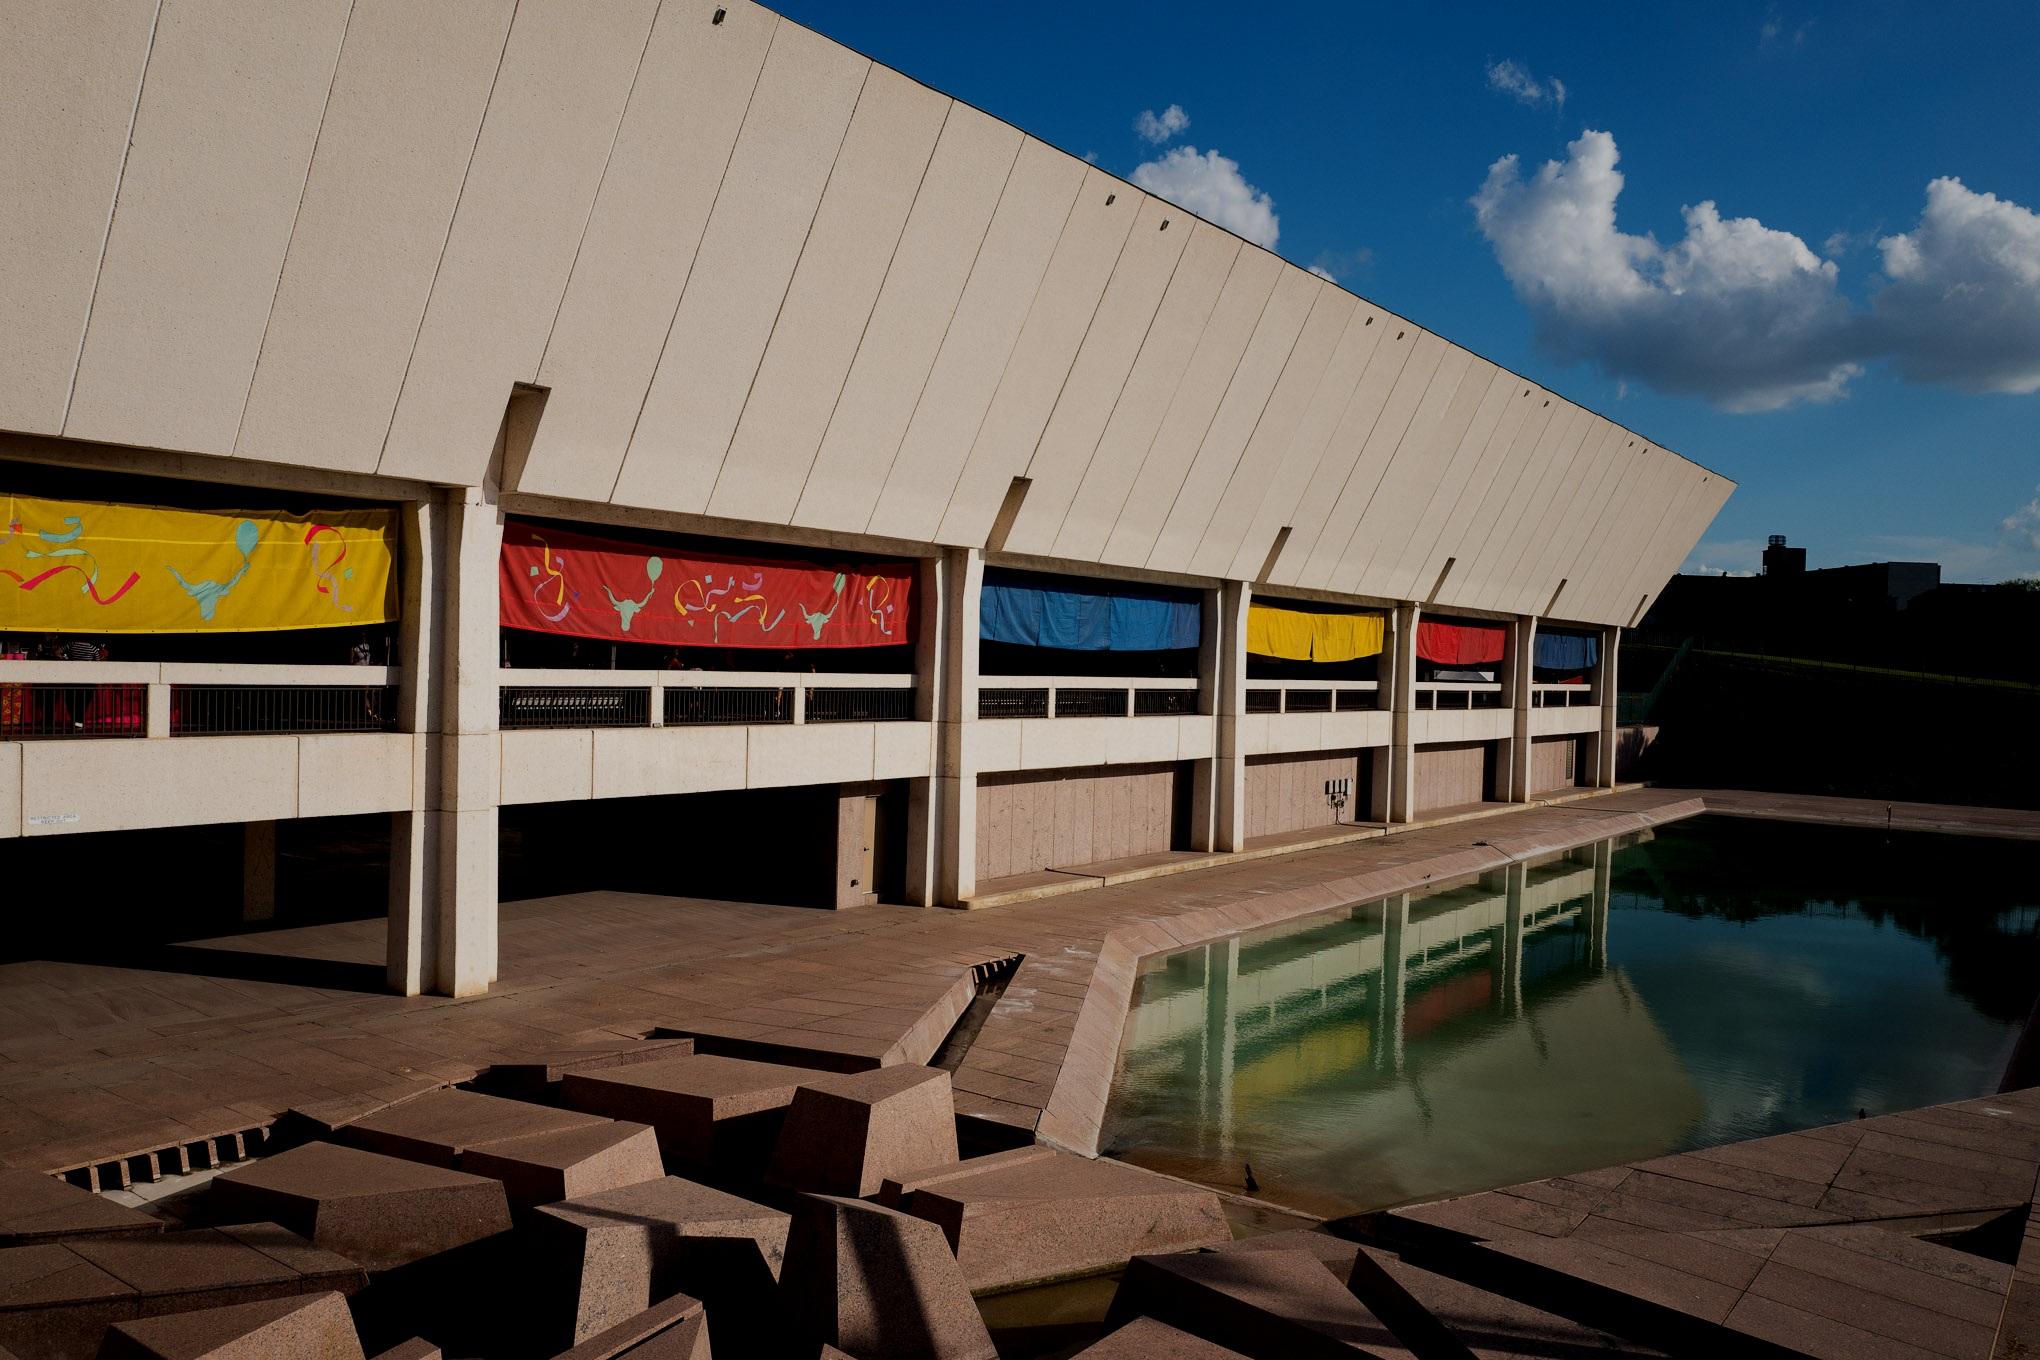 Institute of Texan Cultures, University of Texas at San Antonio -